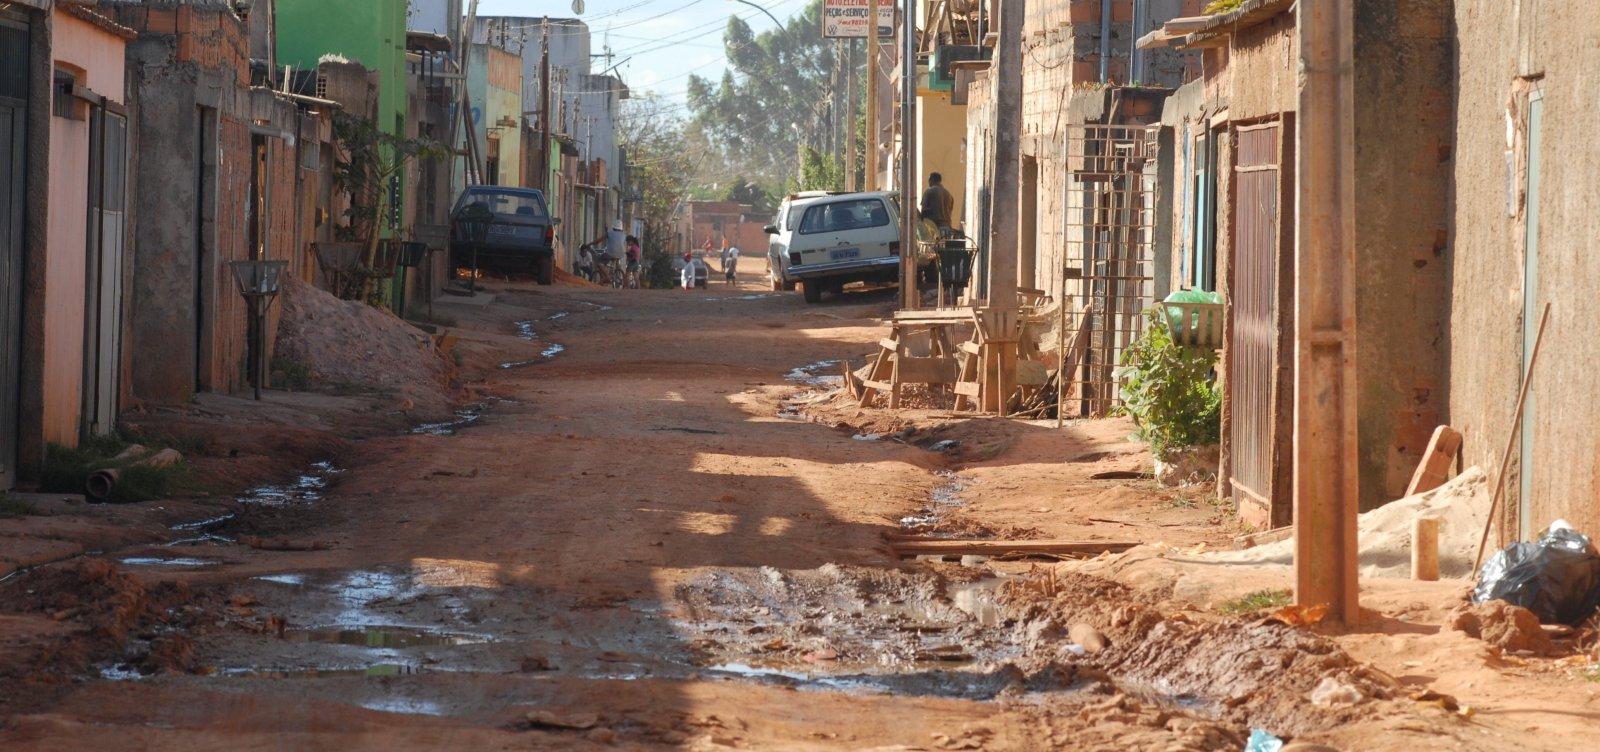 Brasil começa 2021 com mais miseráveis que há uma década